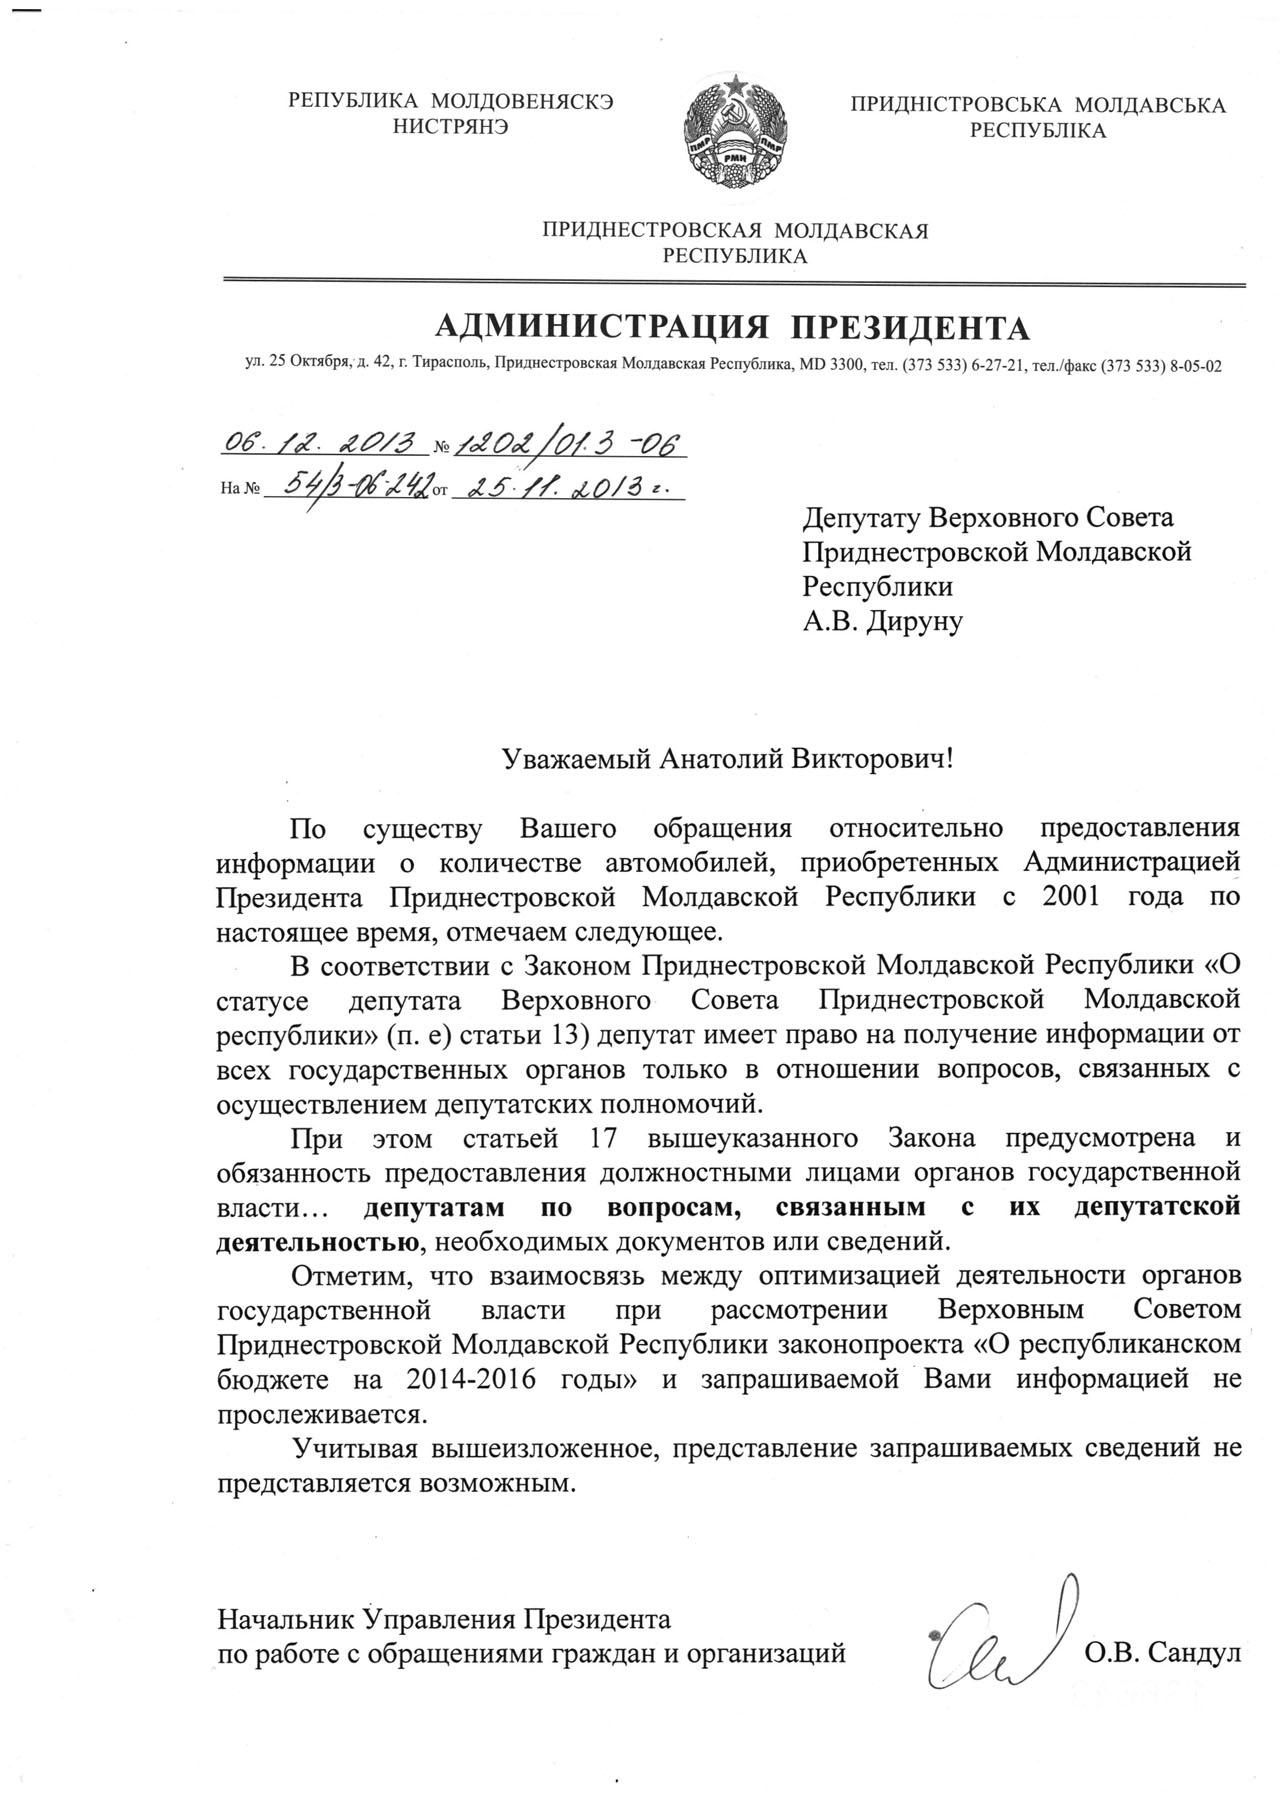 2013_deputatskii_zapros_avtomobili_2-1.jpg